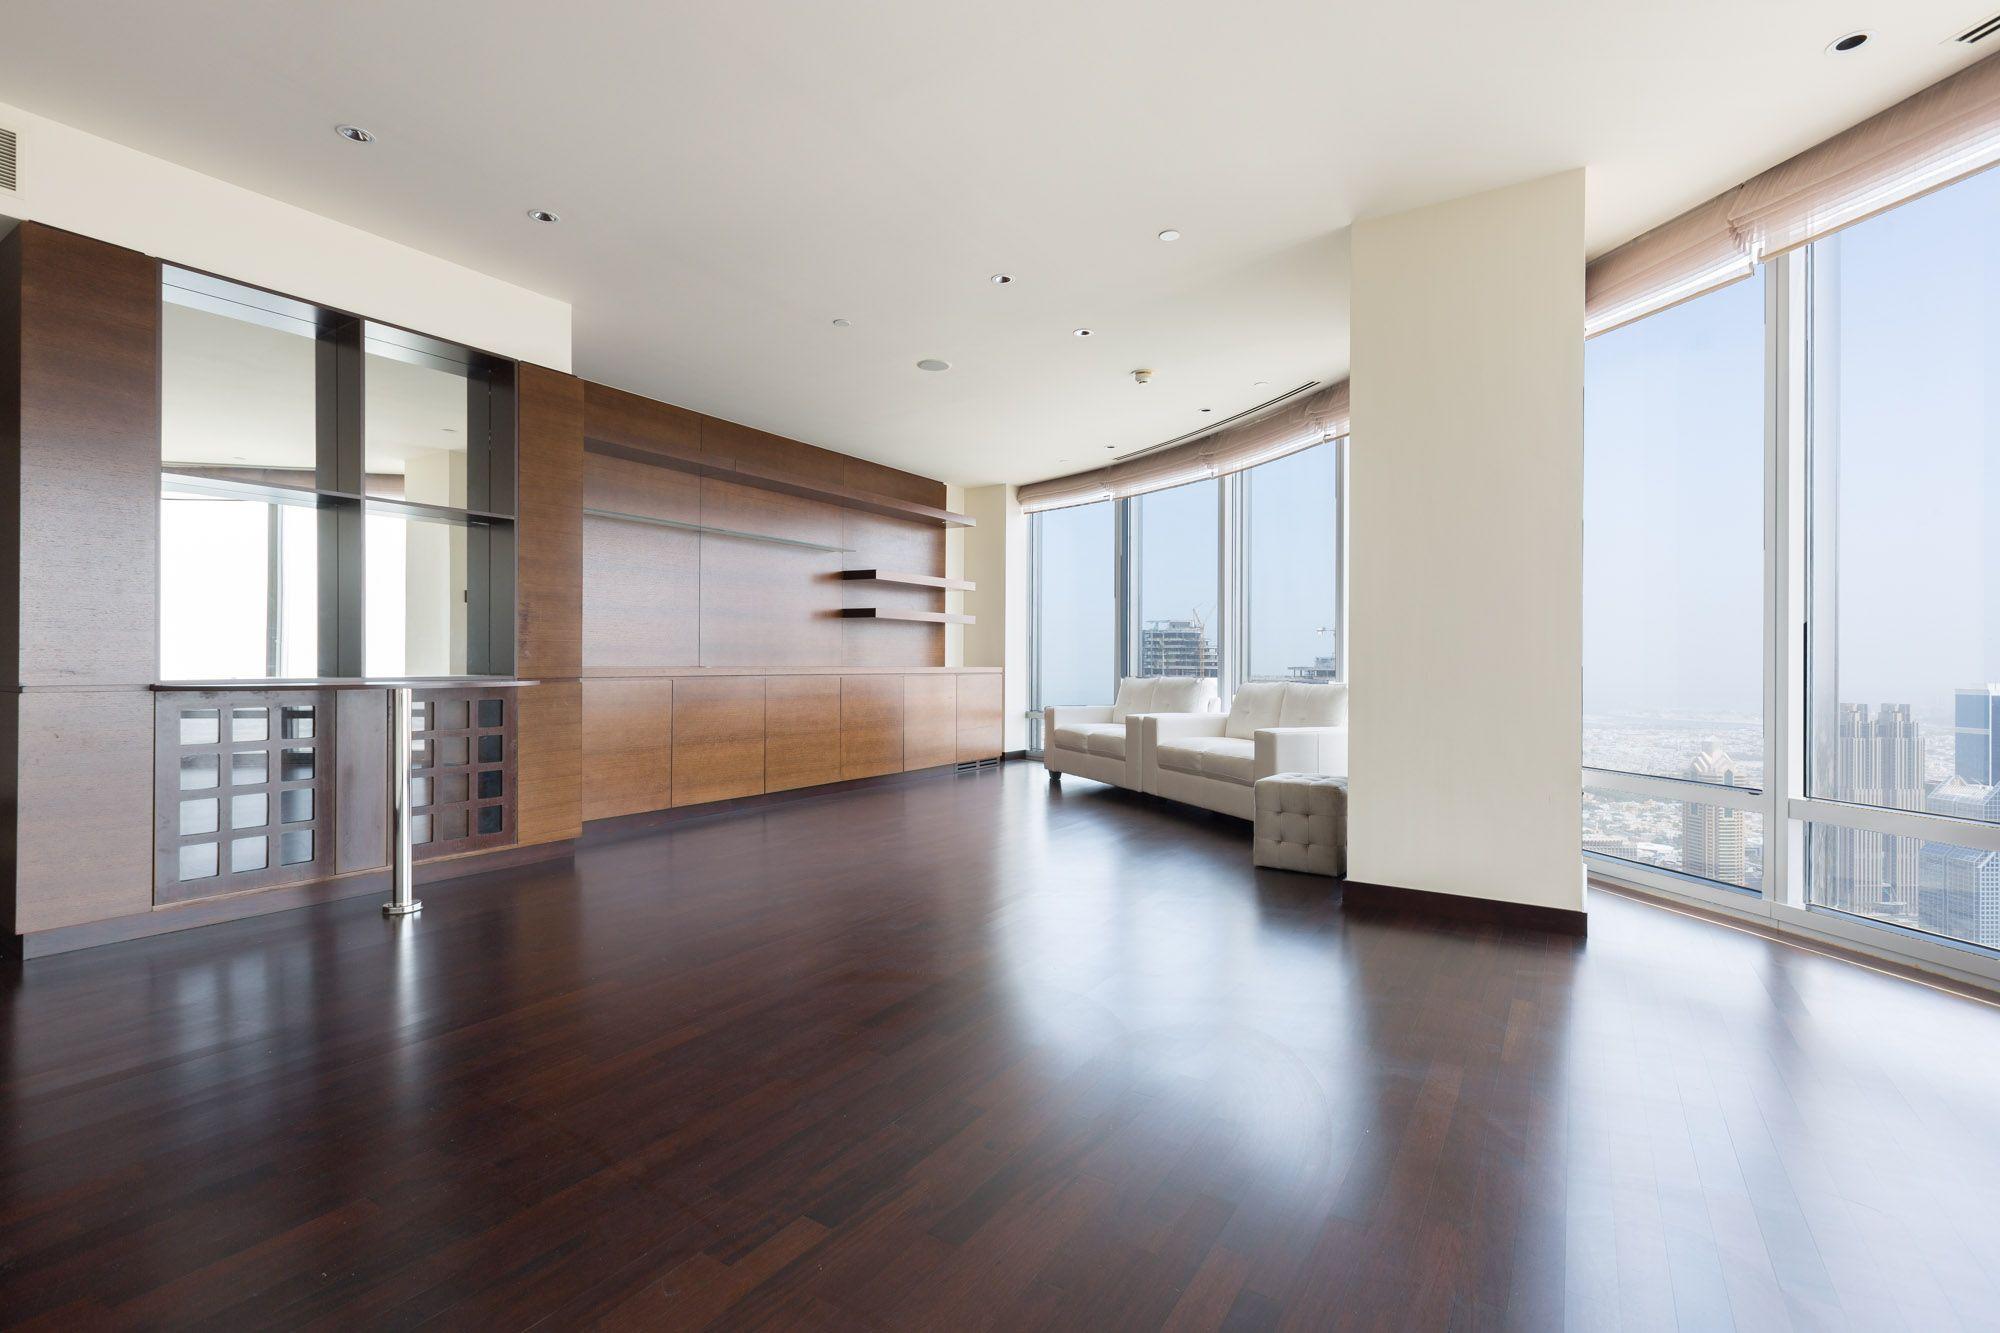 Stunning 3 BR apartment in Burj Khalifa